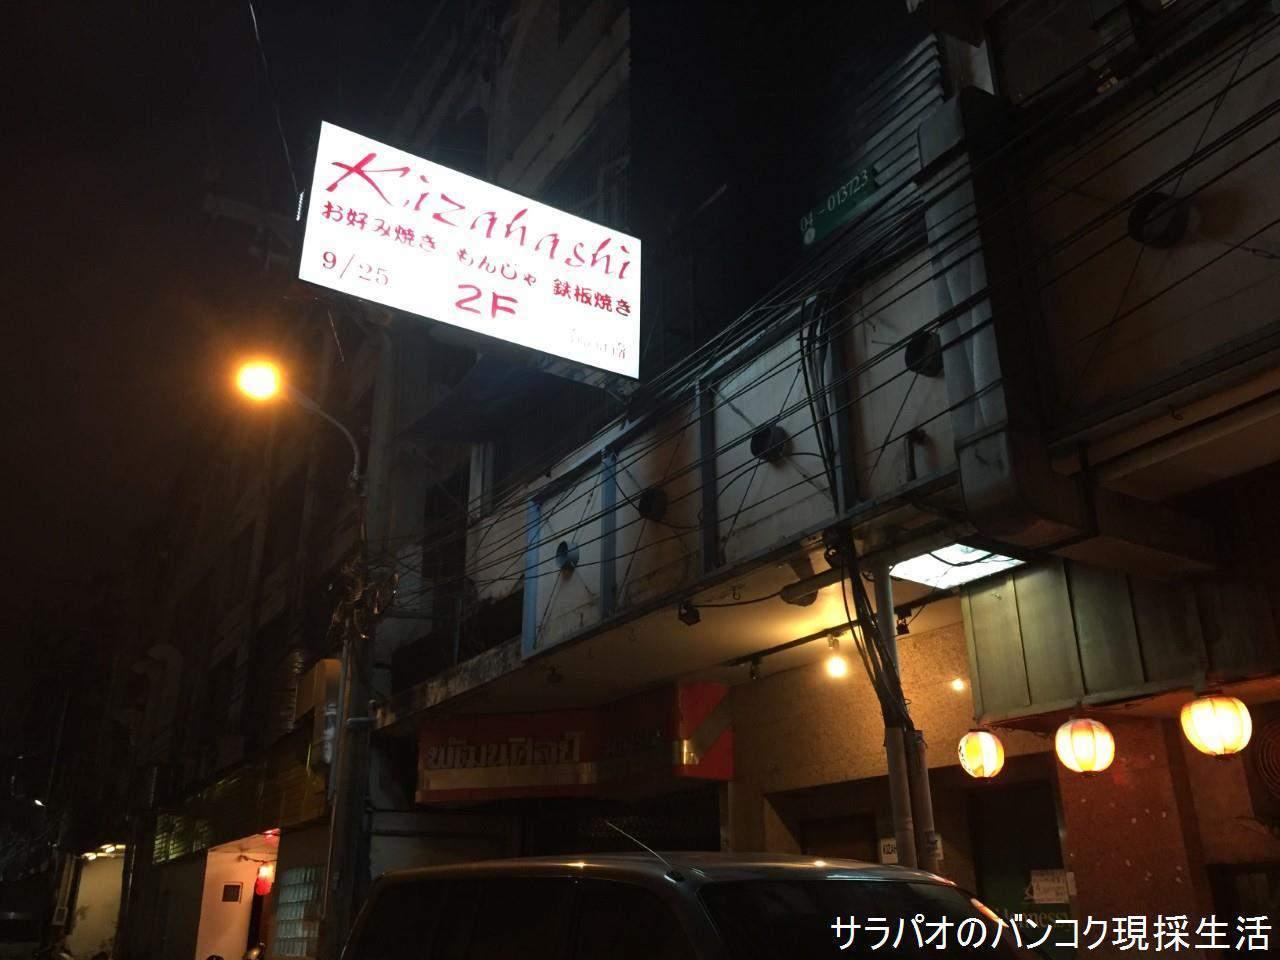 KizahashiTaniya_01.jpg